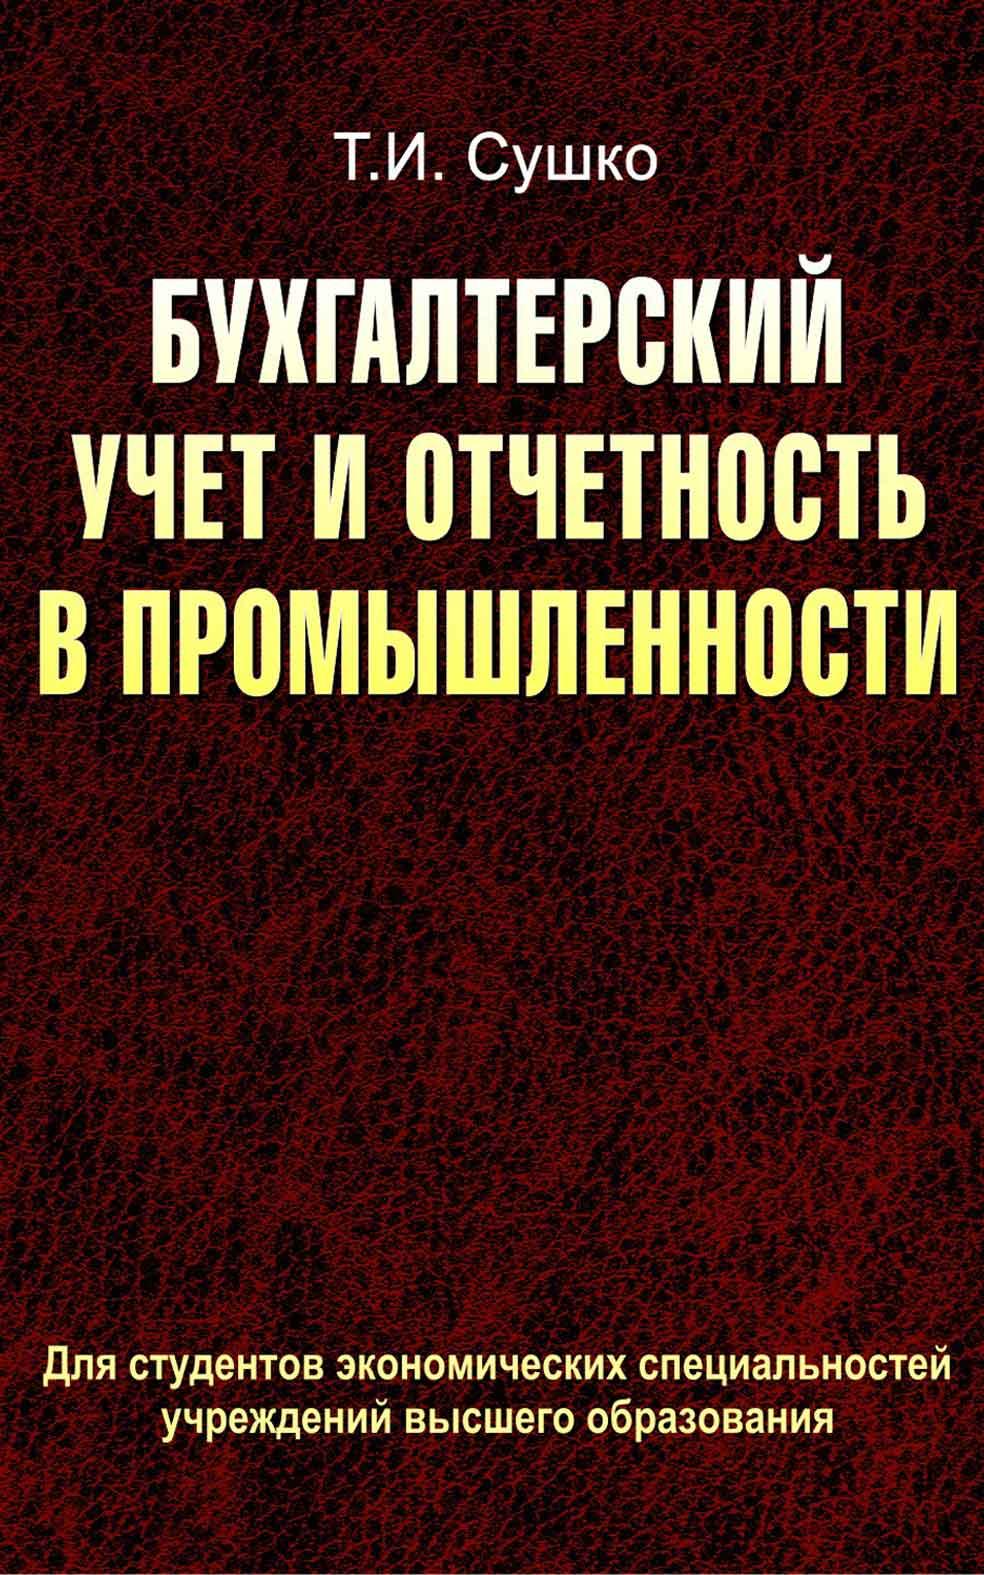 Таиса Сушко Бухгалтерский учет и отчетность в промышленности